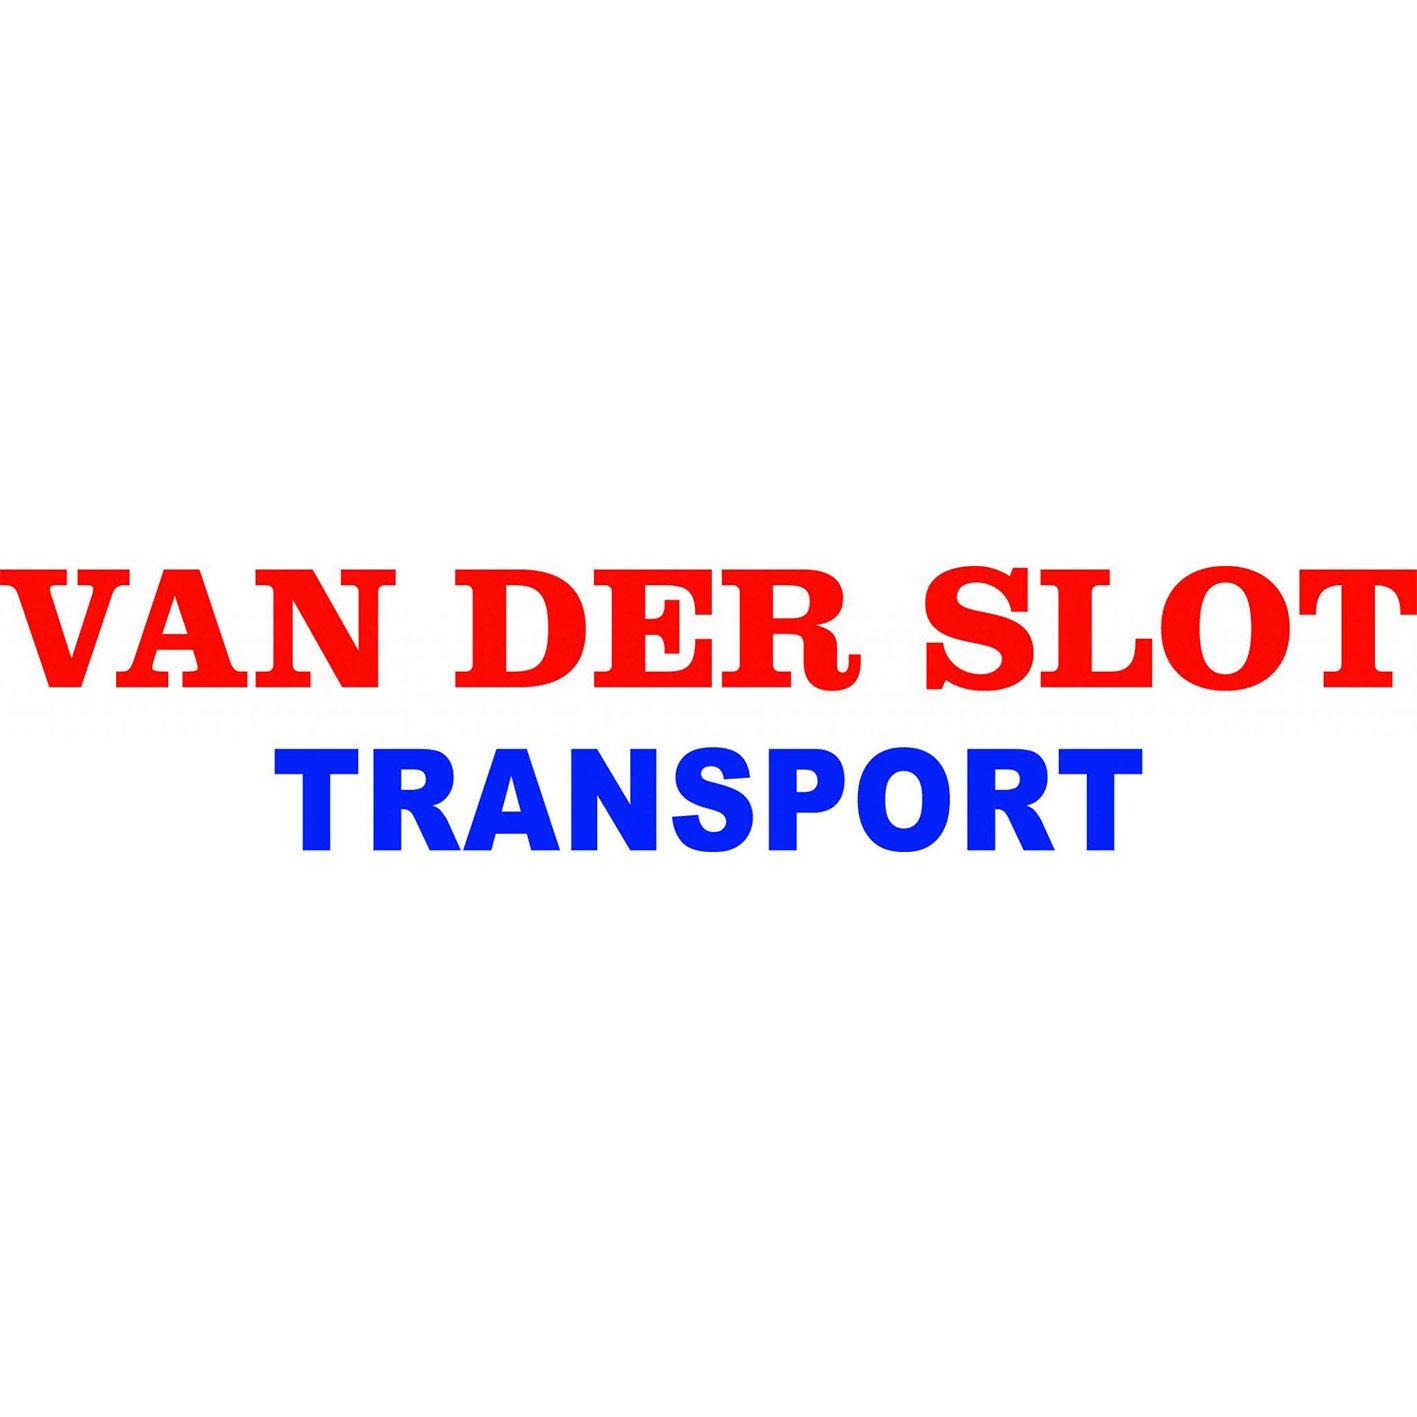 Van der Slot